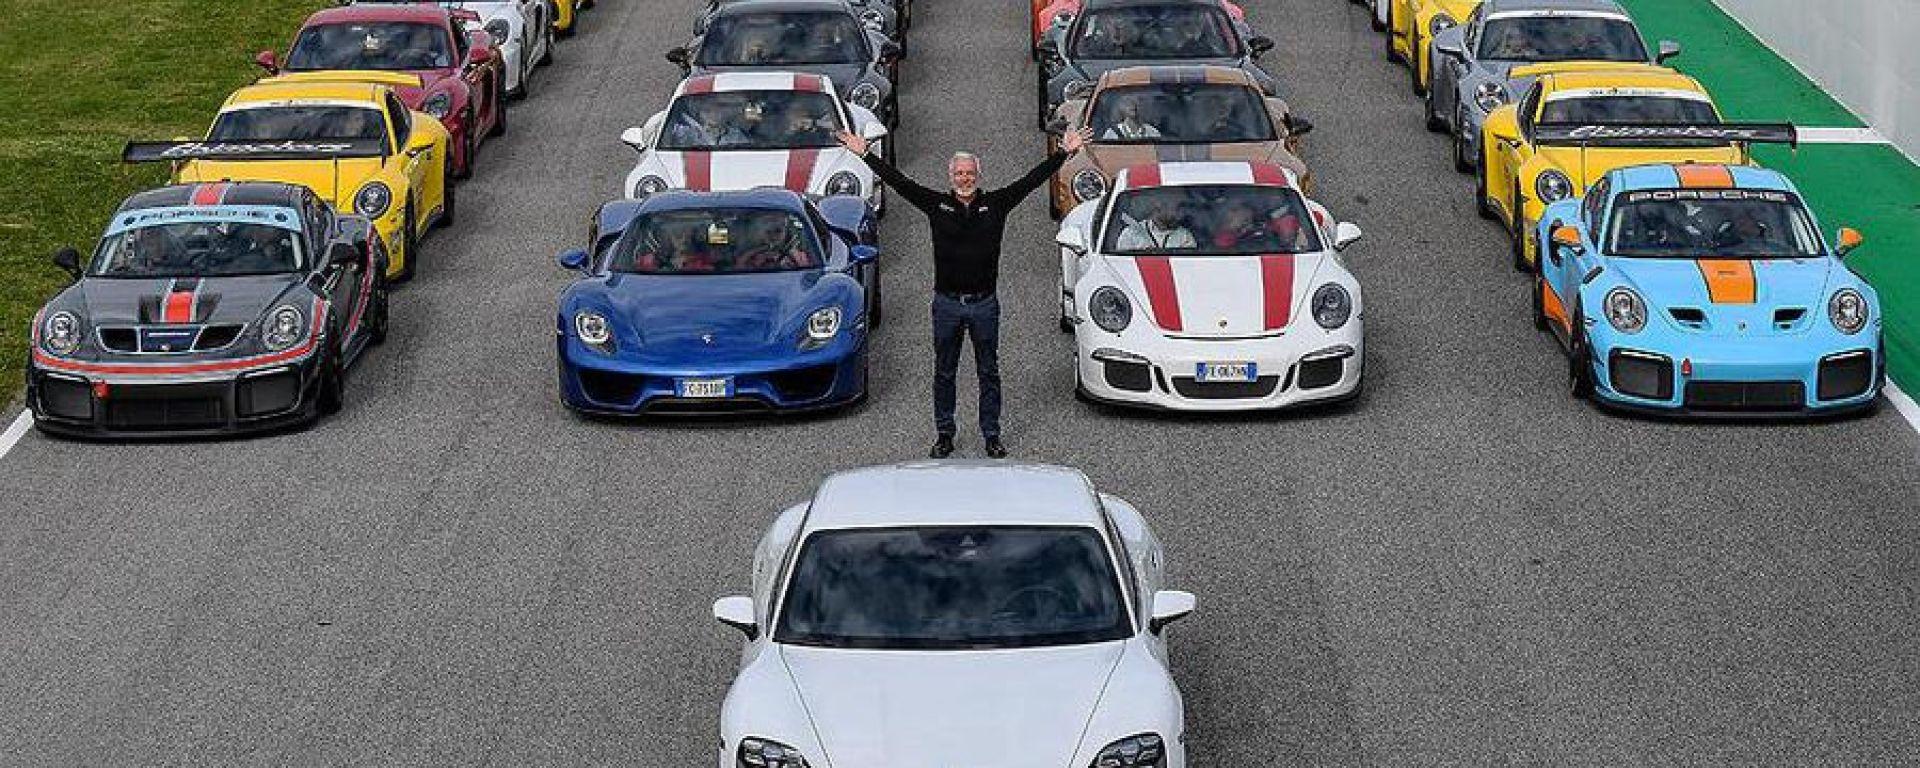 Porsche Festrival 2019: 1.142 auto, oltre 500.000 cv nell'edizione dei record